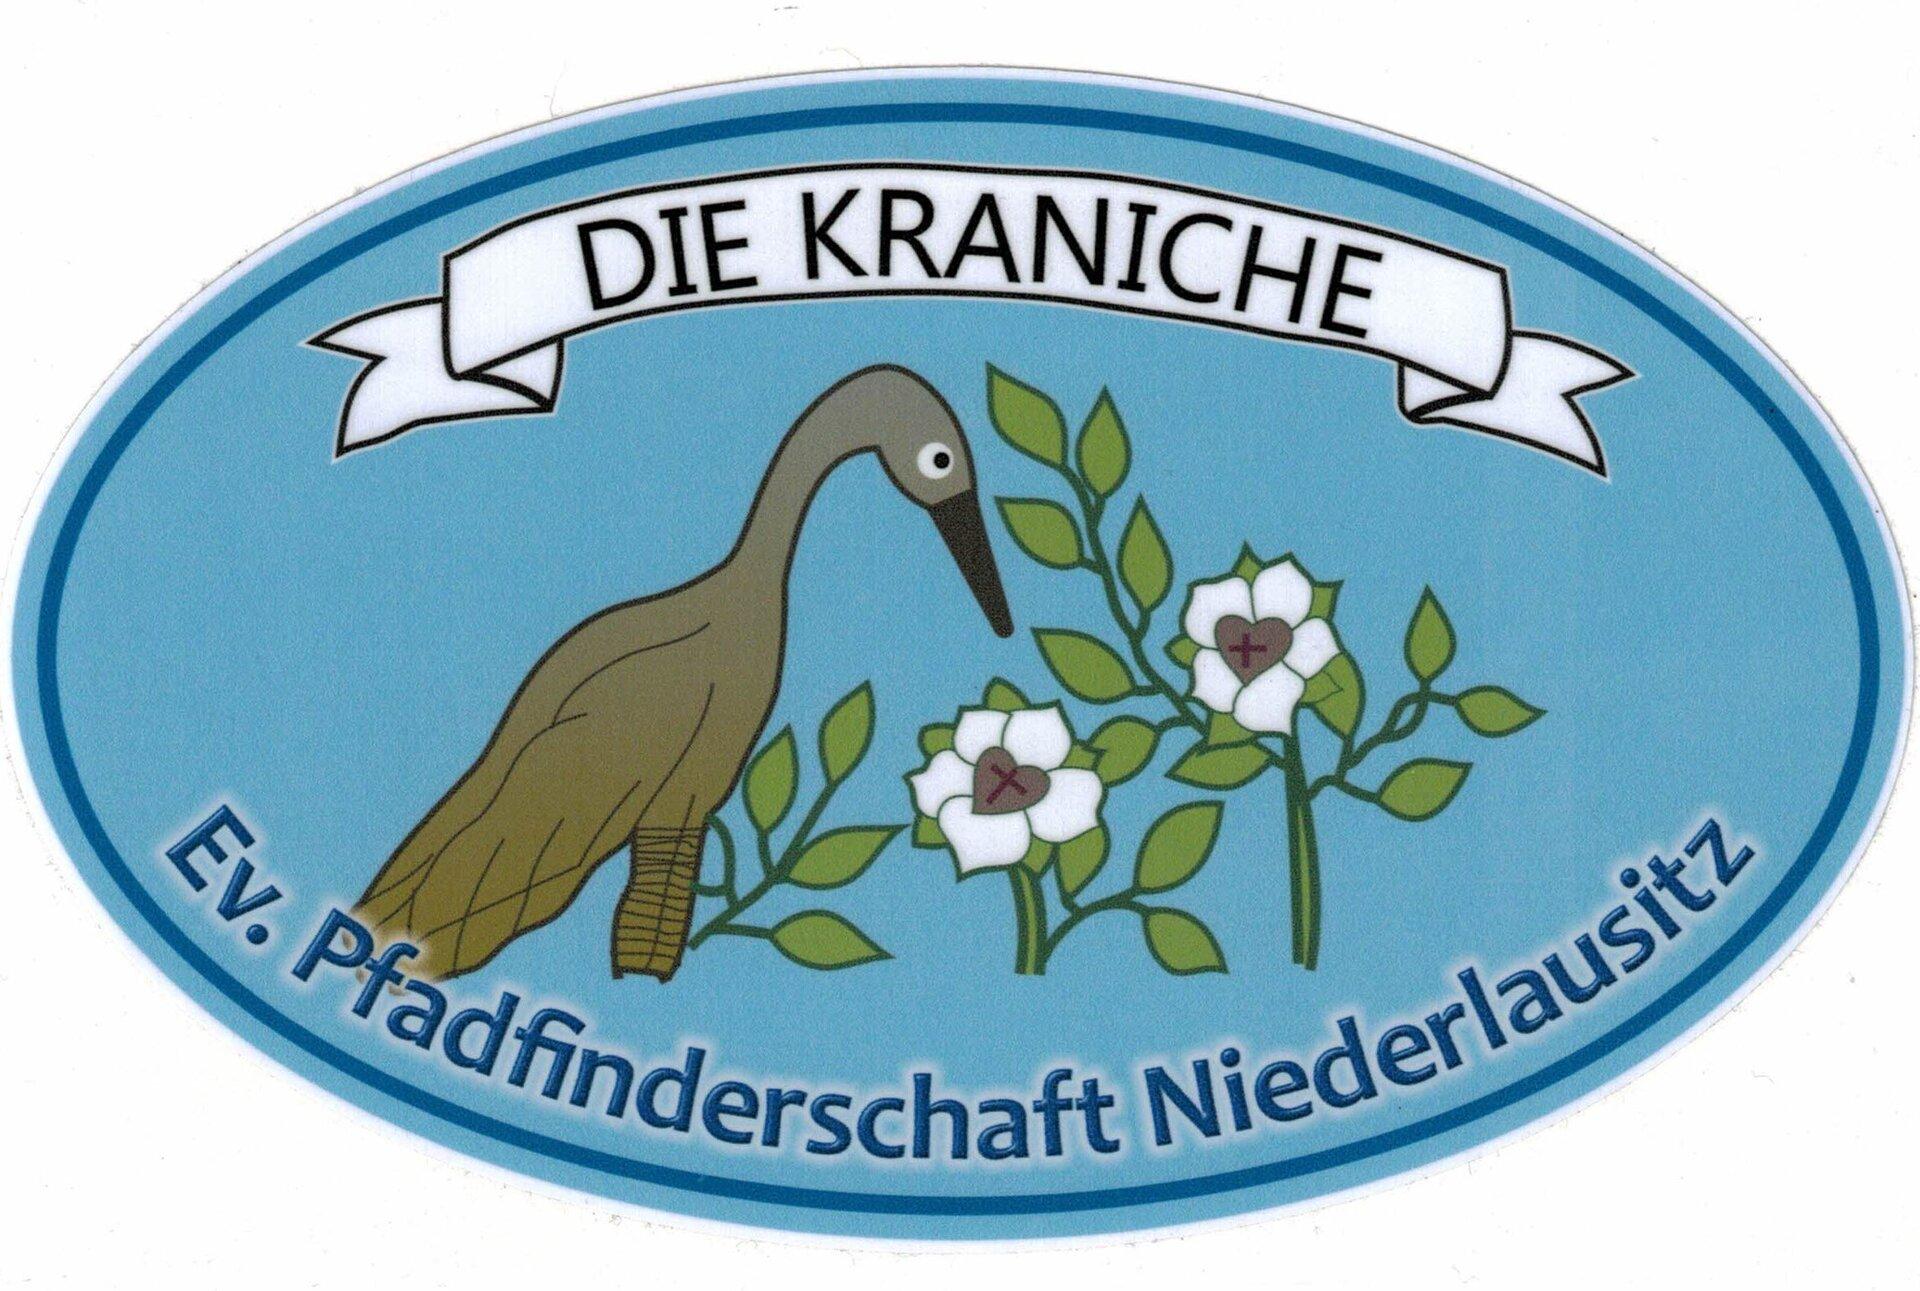 Unser Stammesabzeichen, gestaltet von Isabelle Lorenz (Lugau)